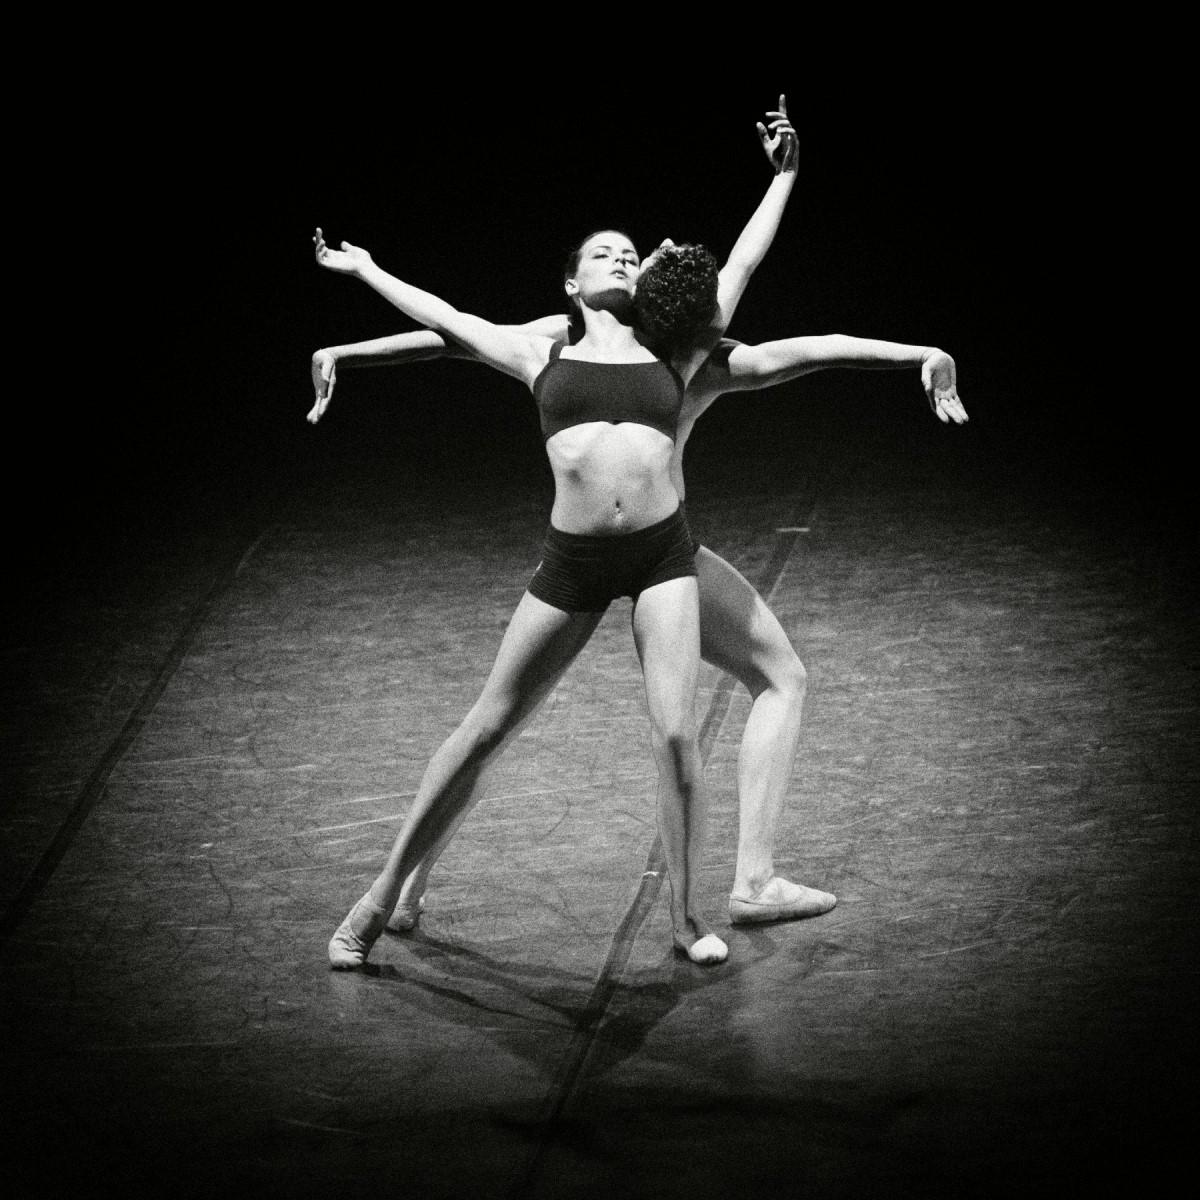 Gabriele-Rossi-127 Dance